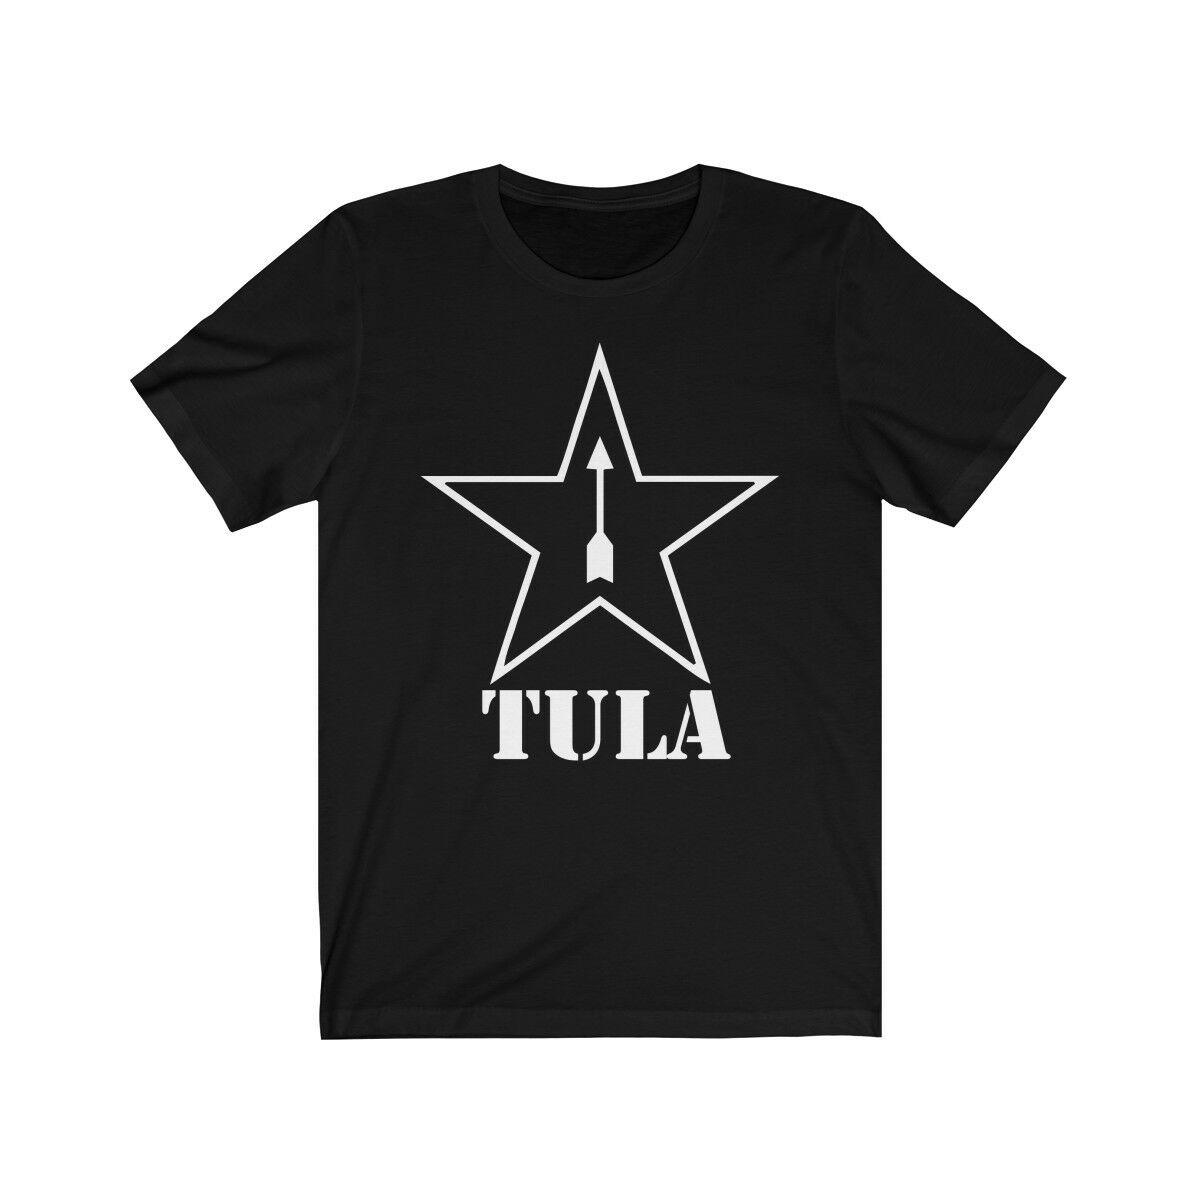 Тульская рубашка, русский советский Ижевск АК Калашников, Ak-47, AK-74, Бесплатная доставка!